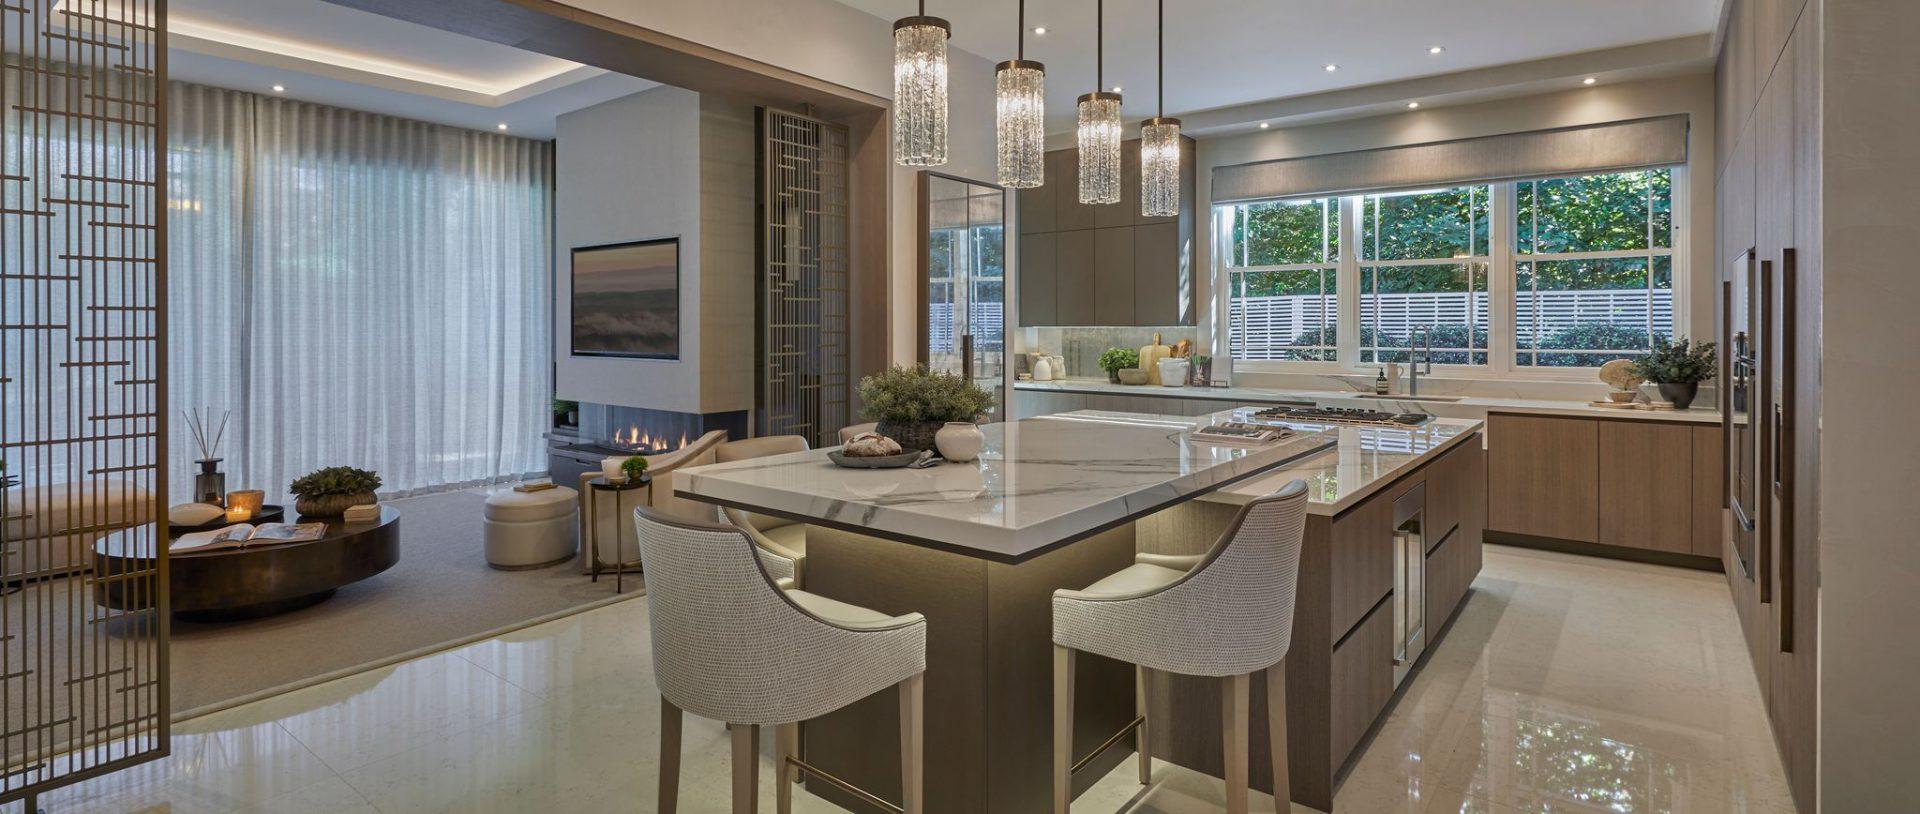 Modern Kitchen in Luxury Home